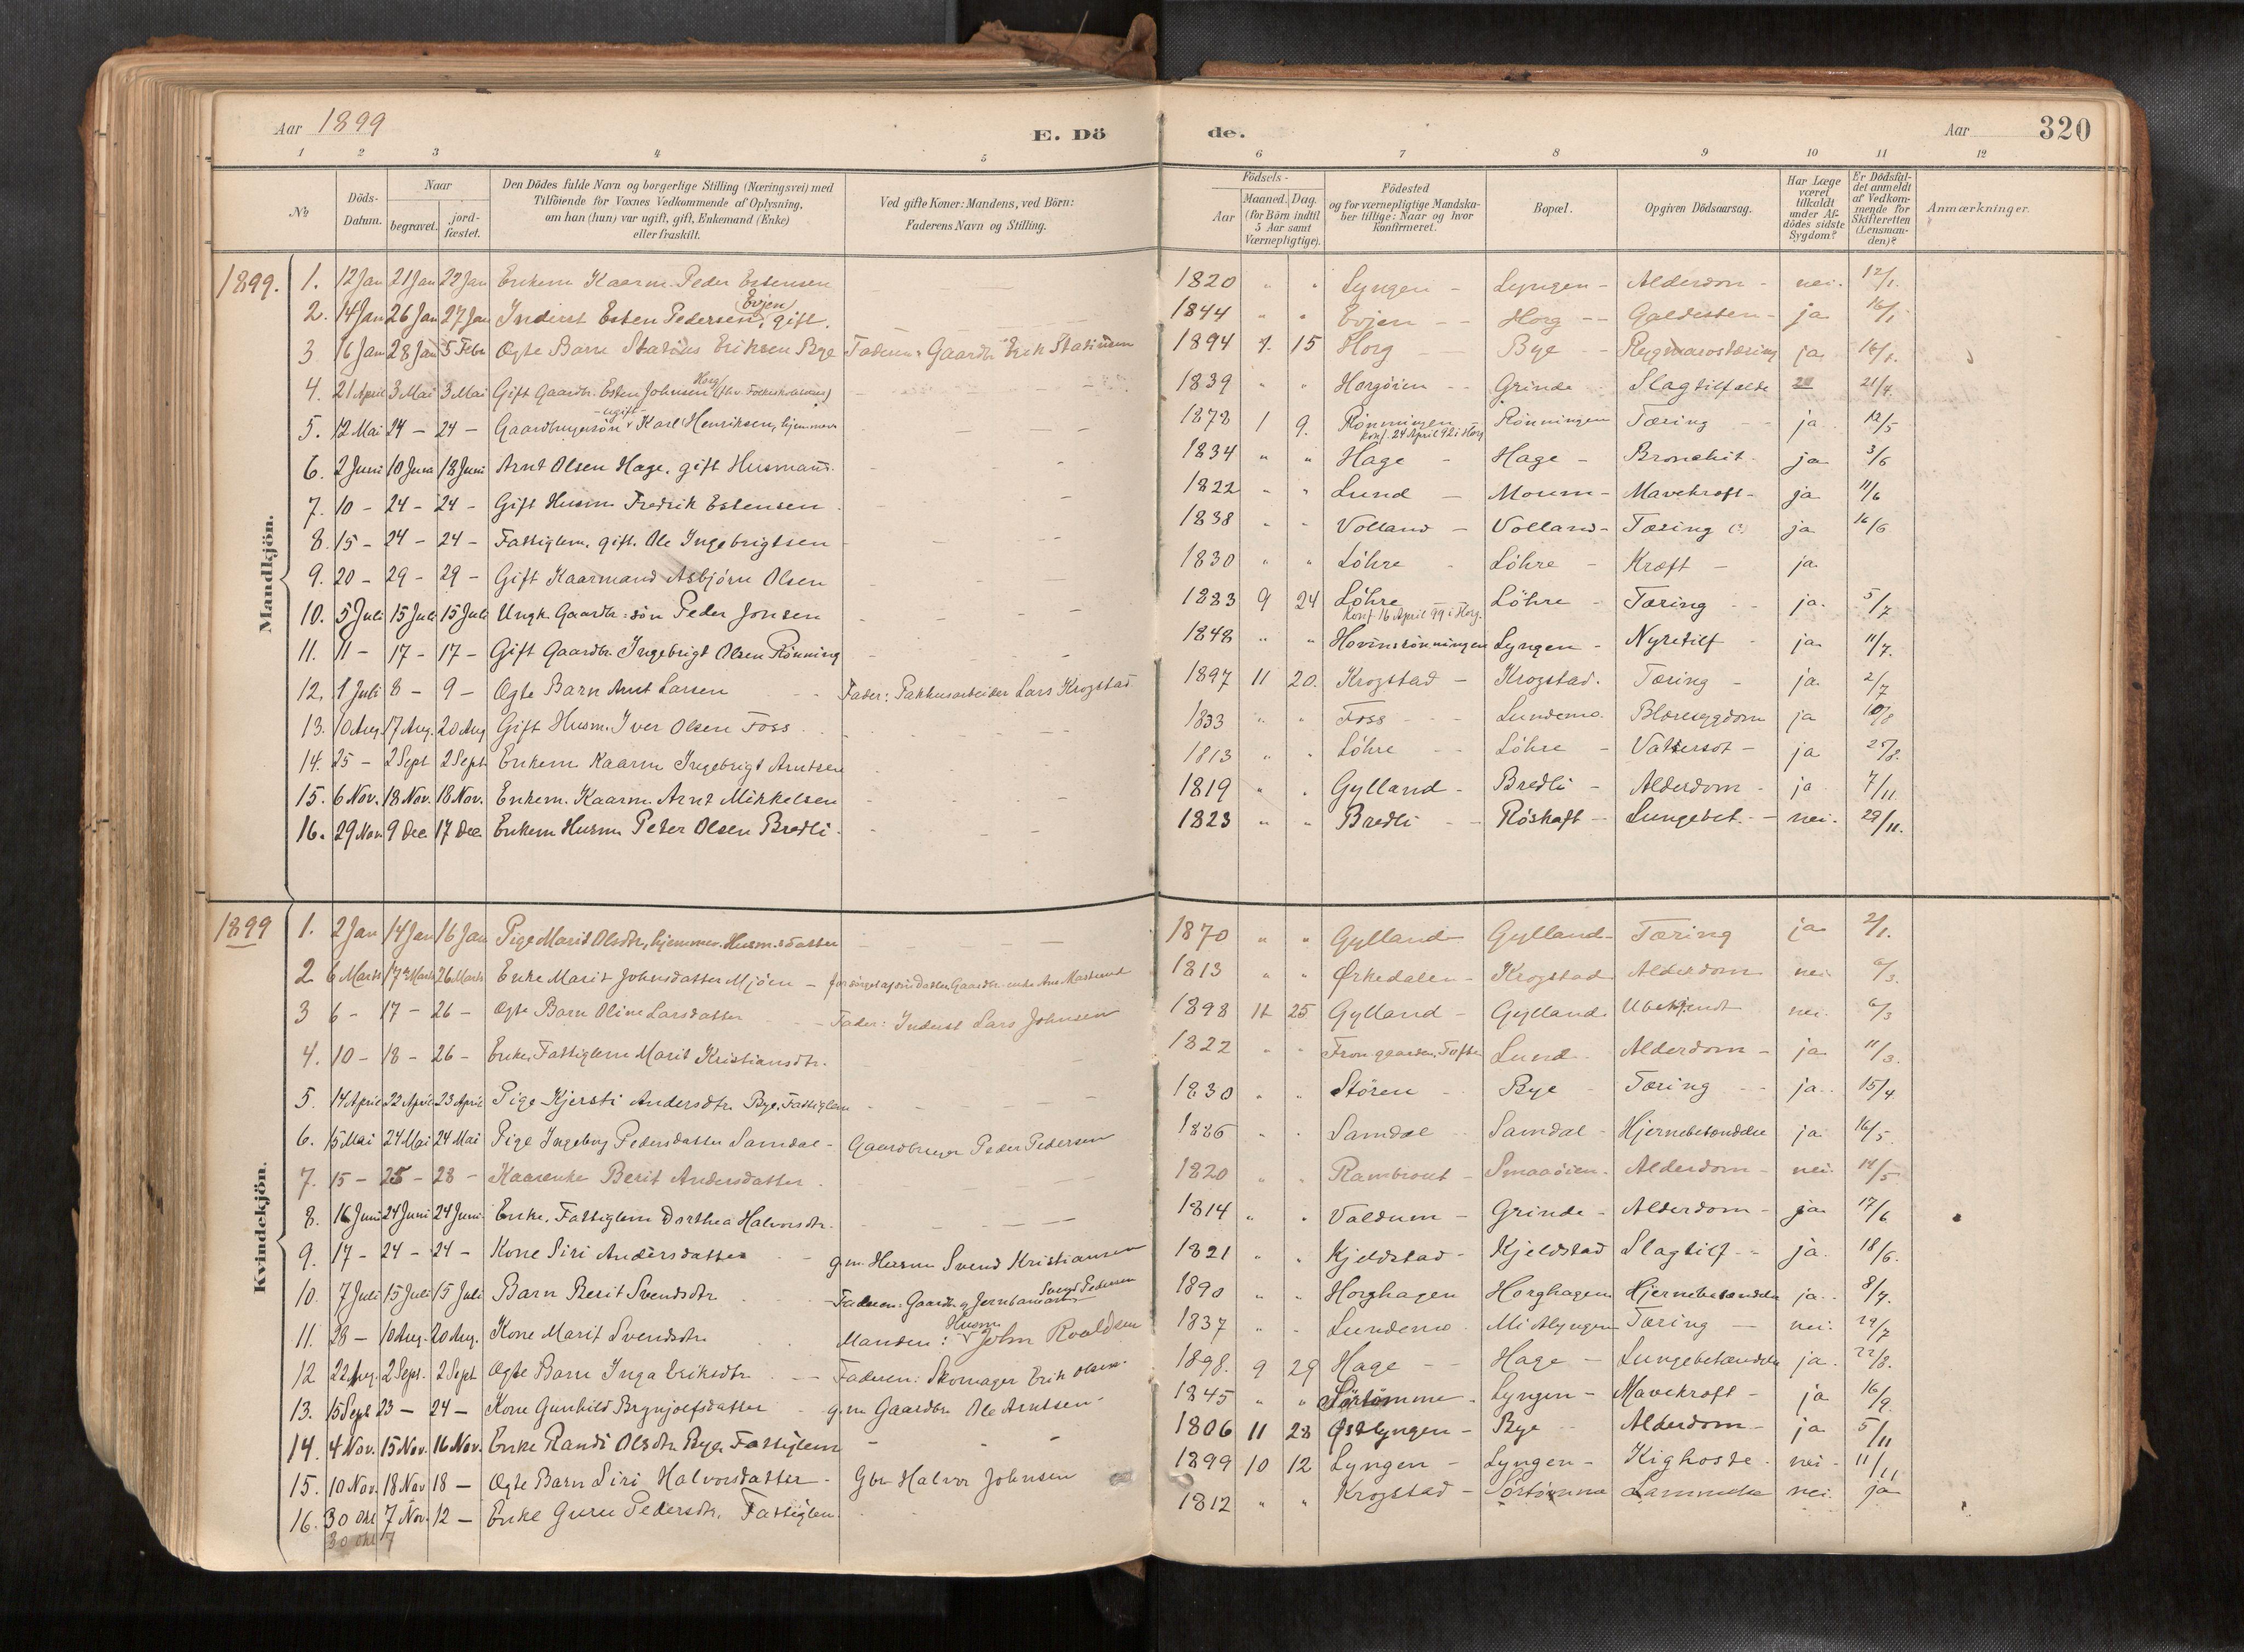 SAT, Ministerialprotokoller, klokkerbøker og fødselsregistre - Sør-Trøndelag, 692/L1105b: Ministerialbok nr. 692A06, 1891-1934, s. 320